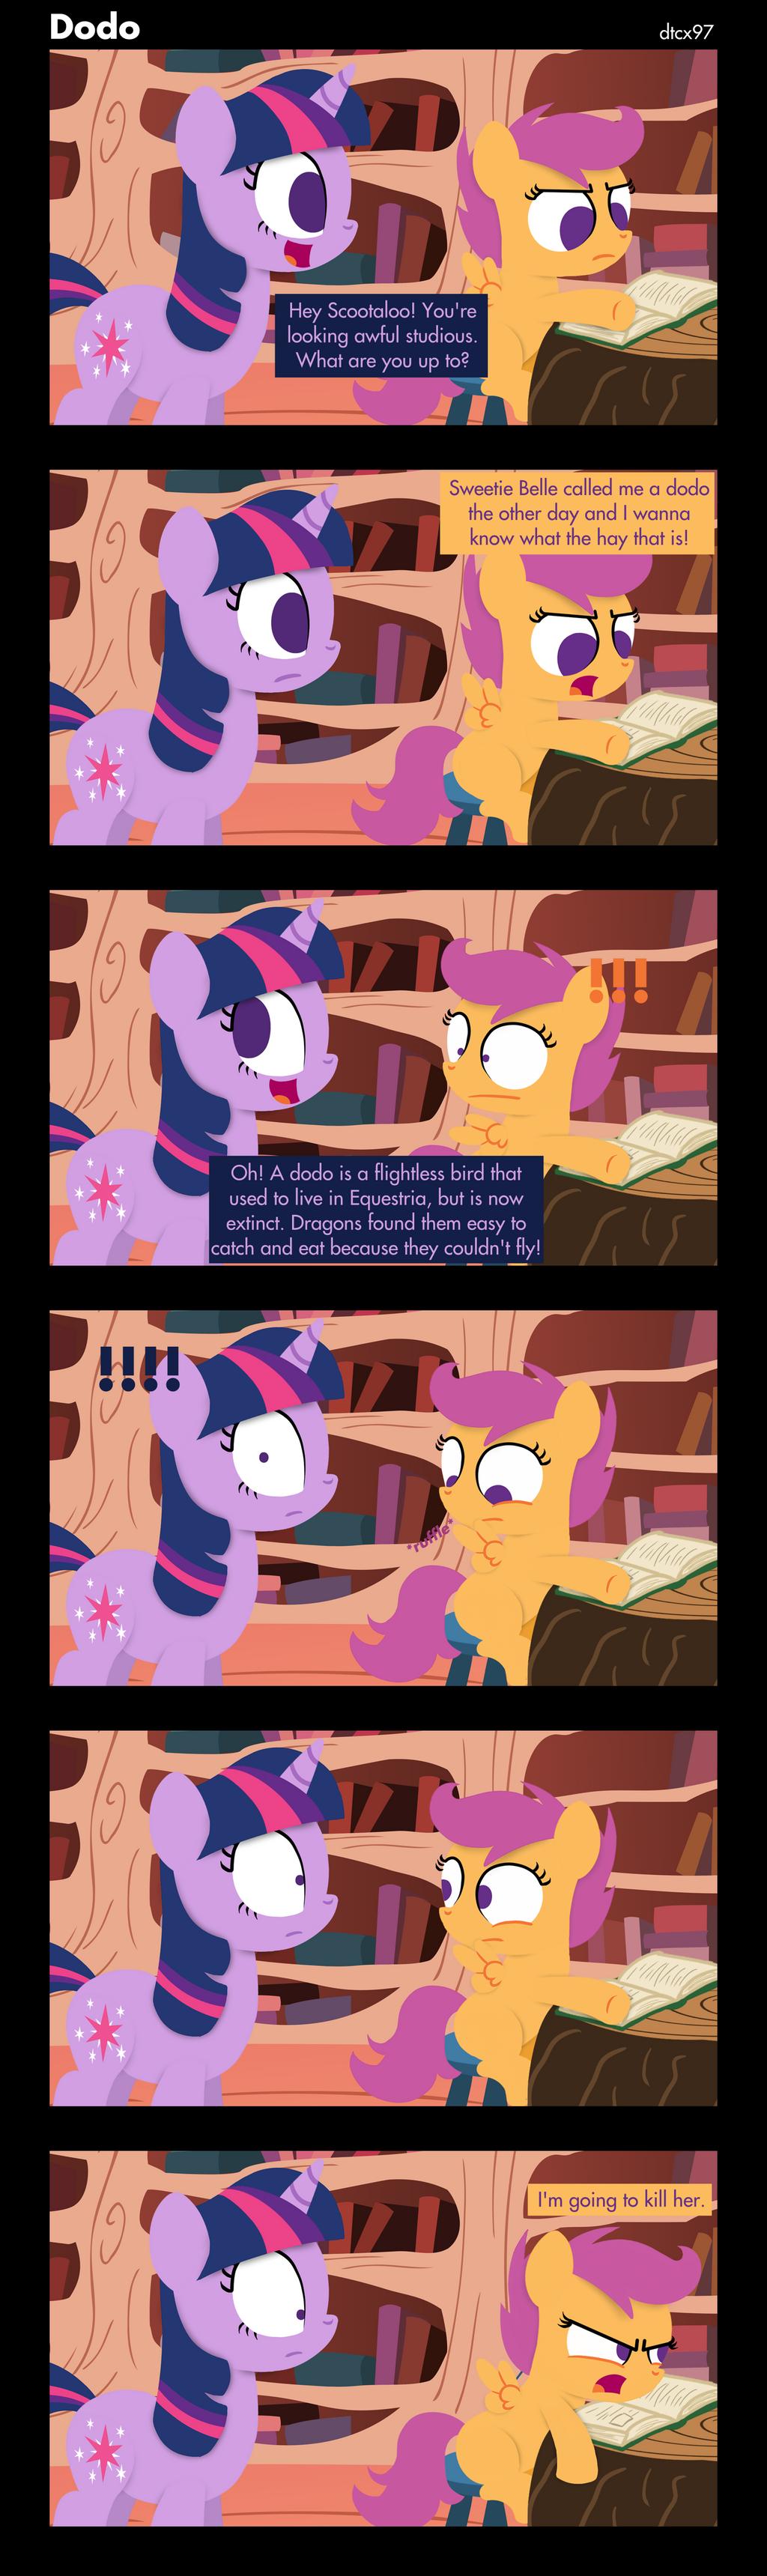 My Little Pony Friendship Is Magic Page 126 Toho Kingdom Whoa, since when does the house move like that? my little pony friendship is magic page 126 toho kingdom